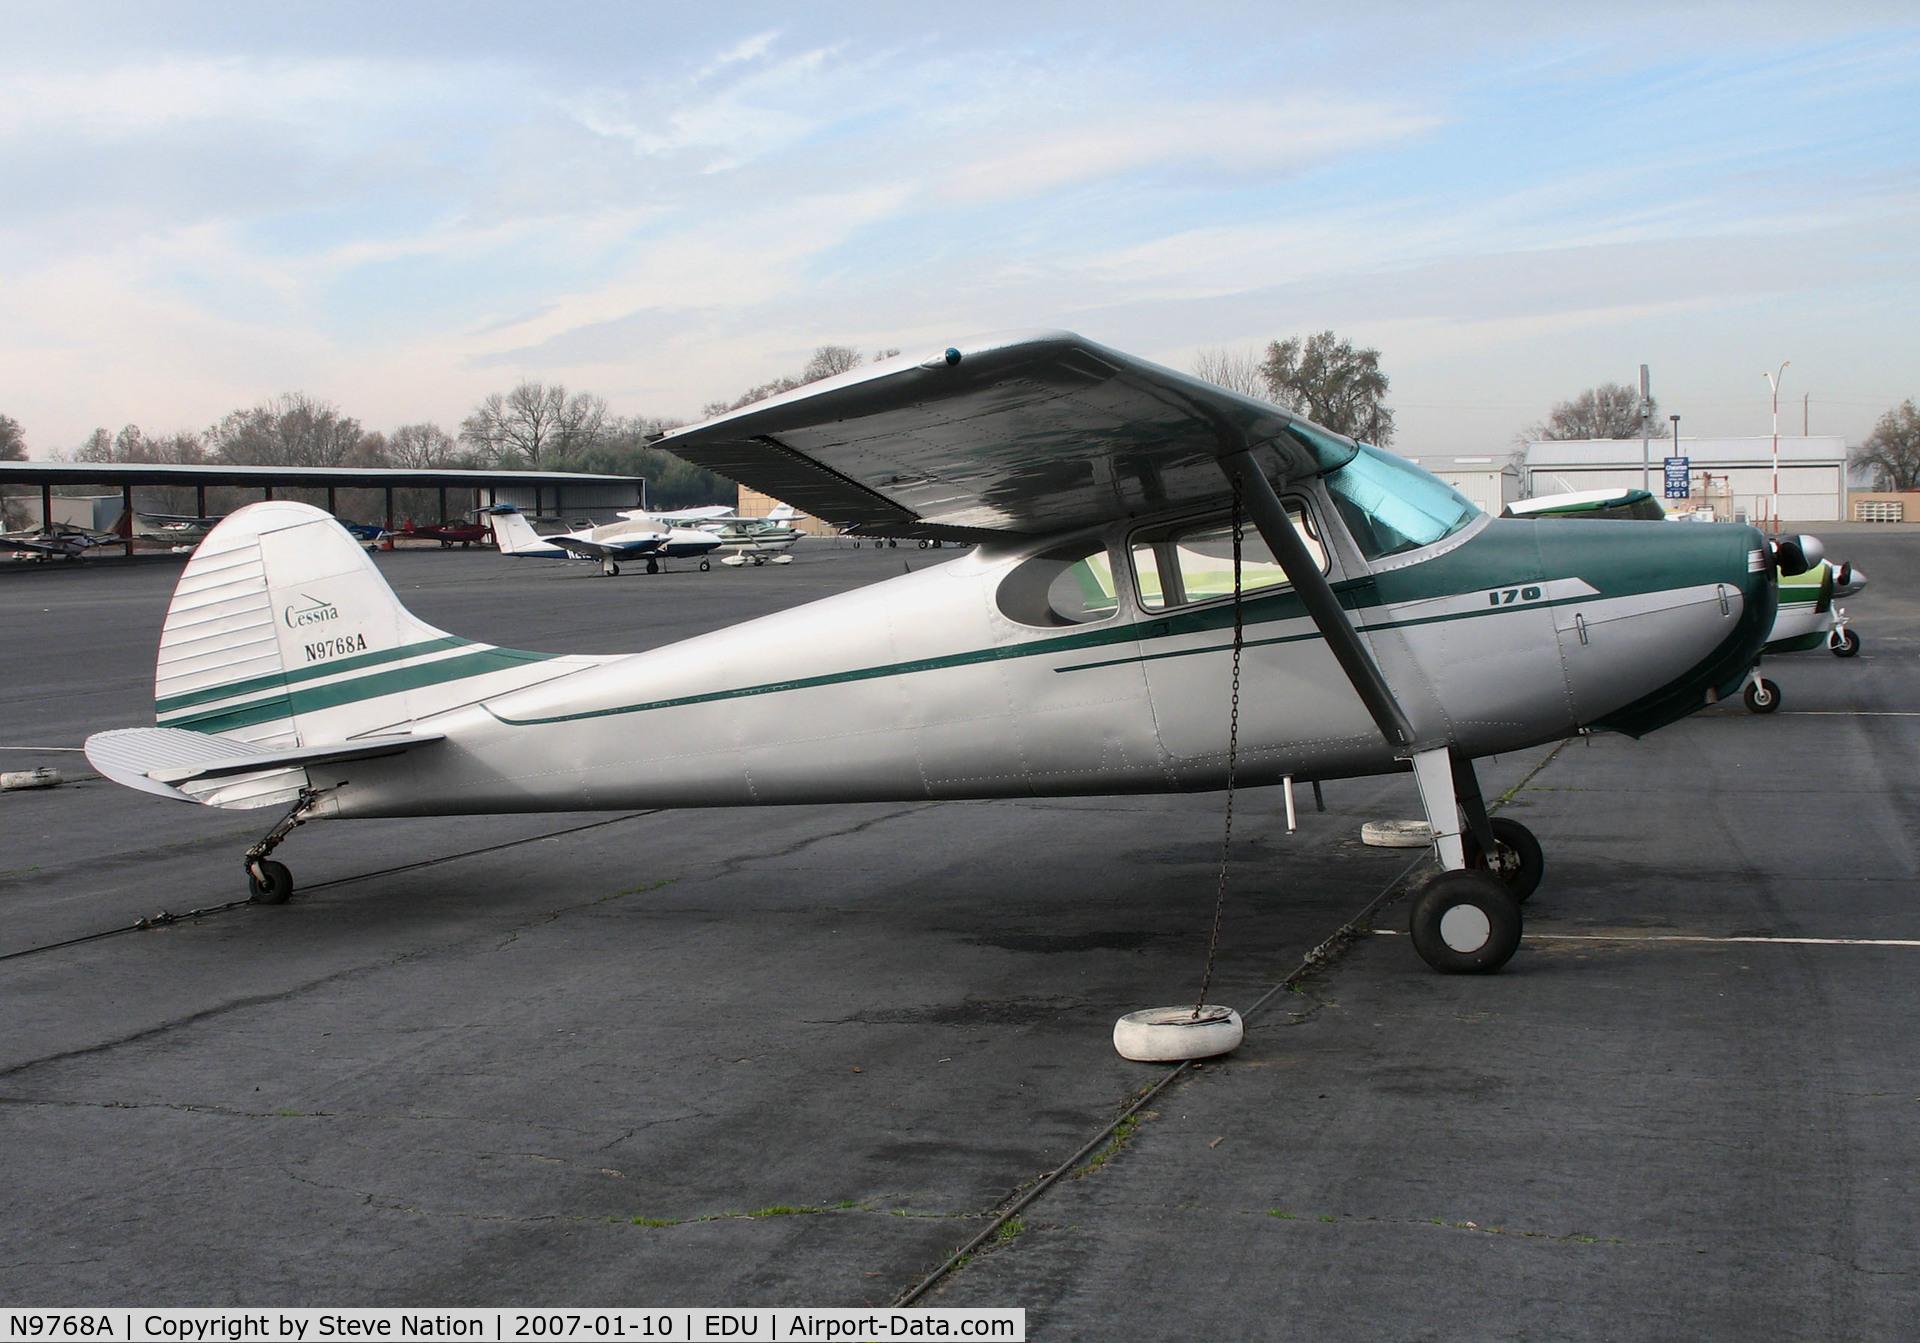 N9768A, 1950 Cessna 170A C/N 19409, 1950 Cessna 170A @ University Airport, Davis, CA (now Kentucky based)